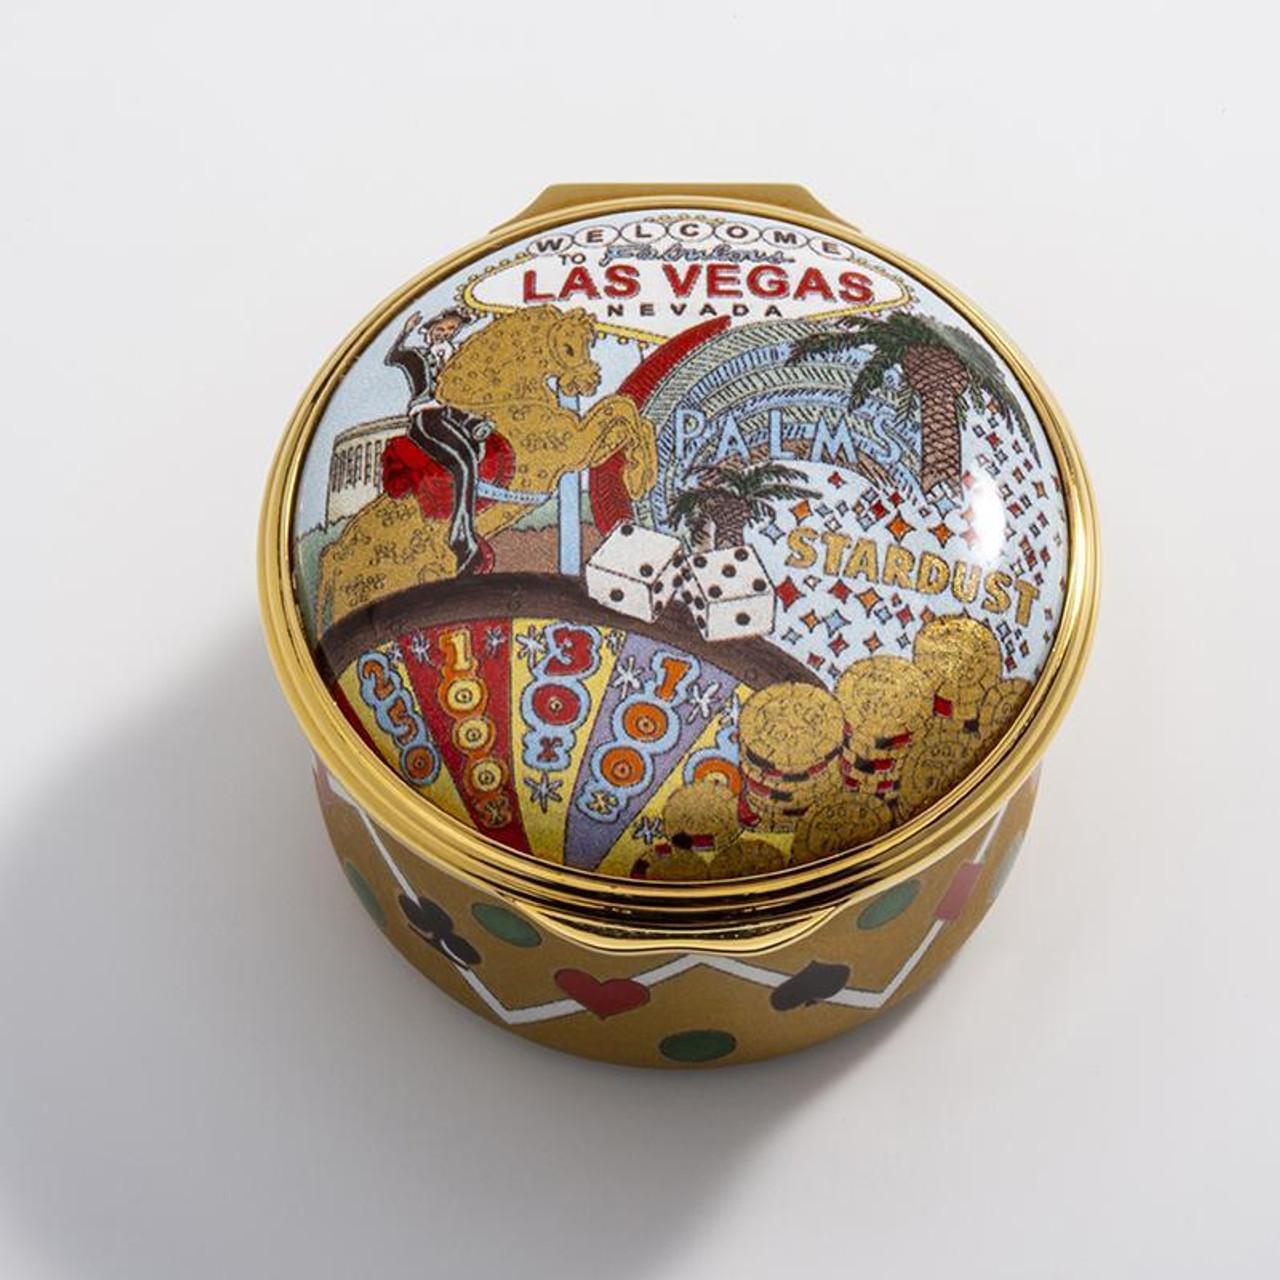 Halcyon Days Las Vegas ENLVG0101G